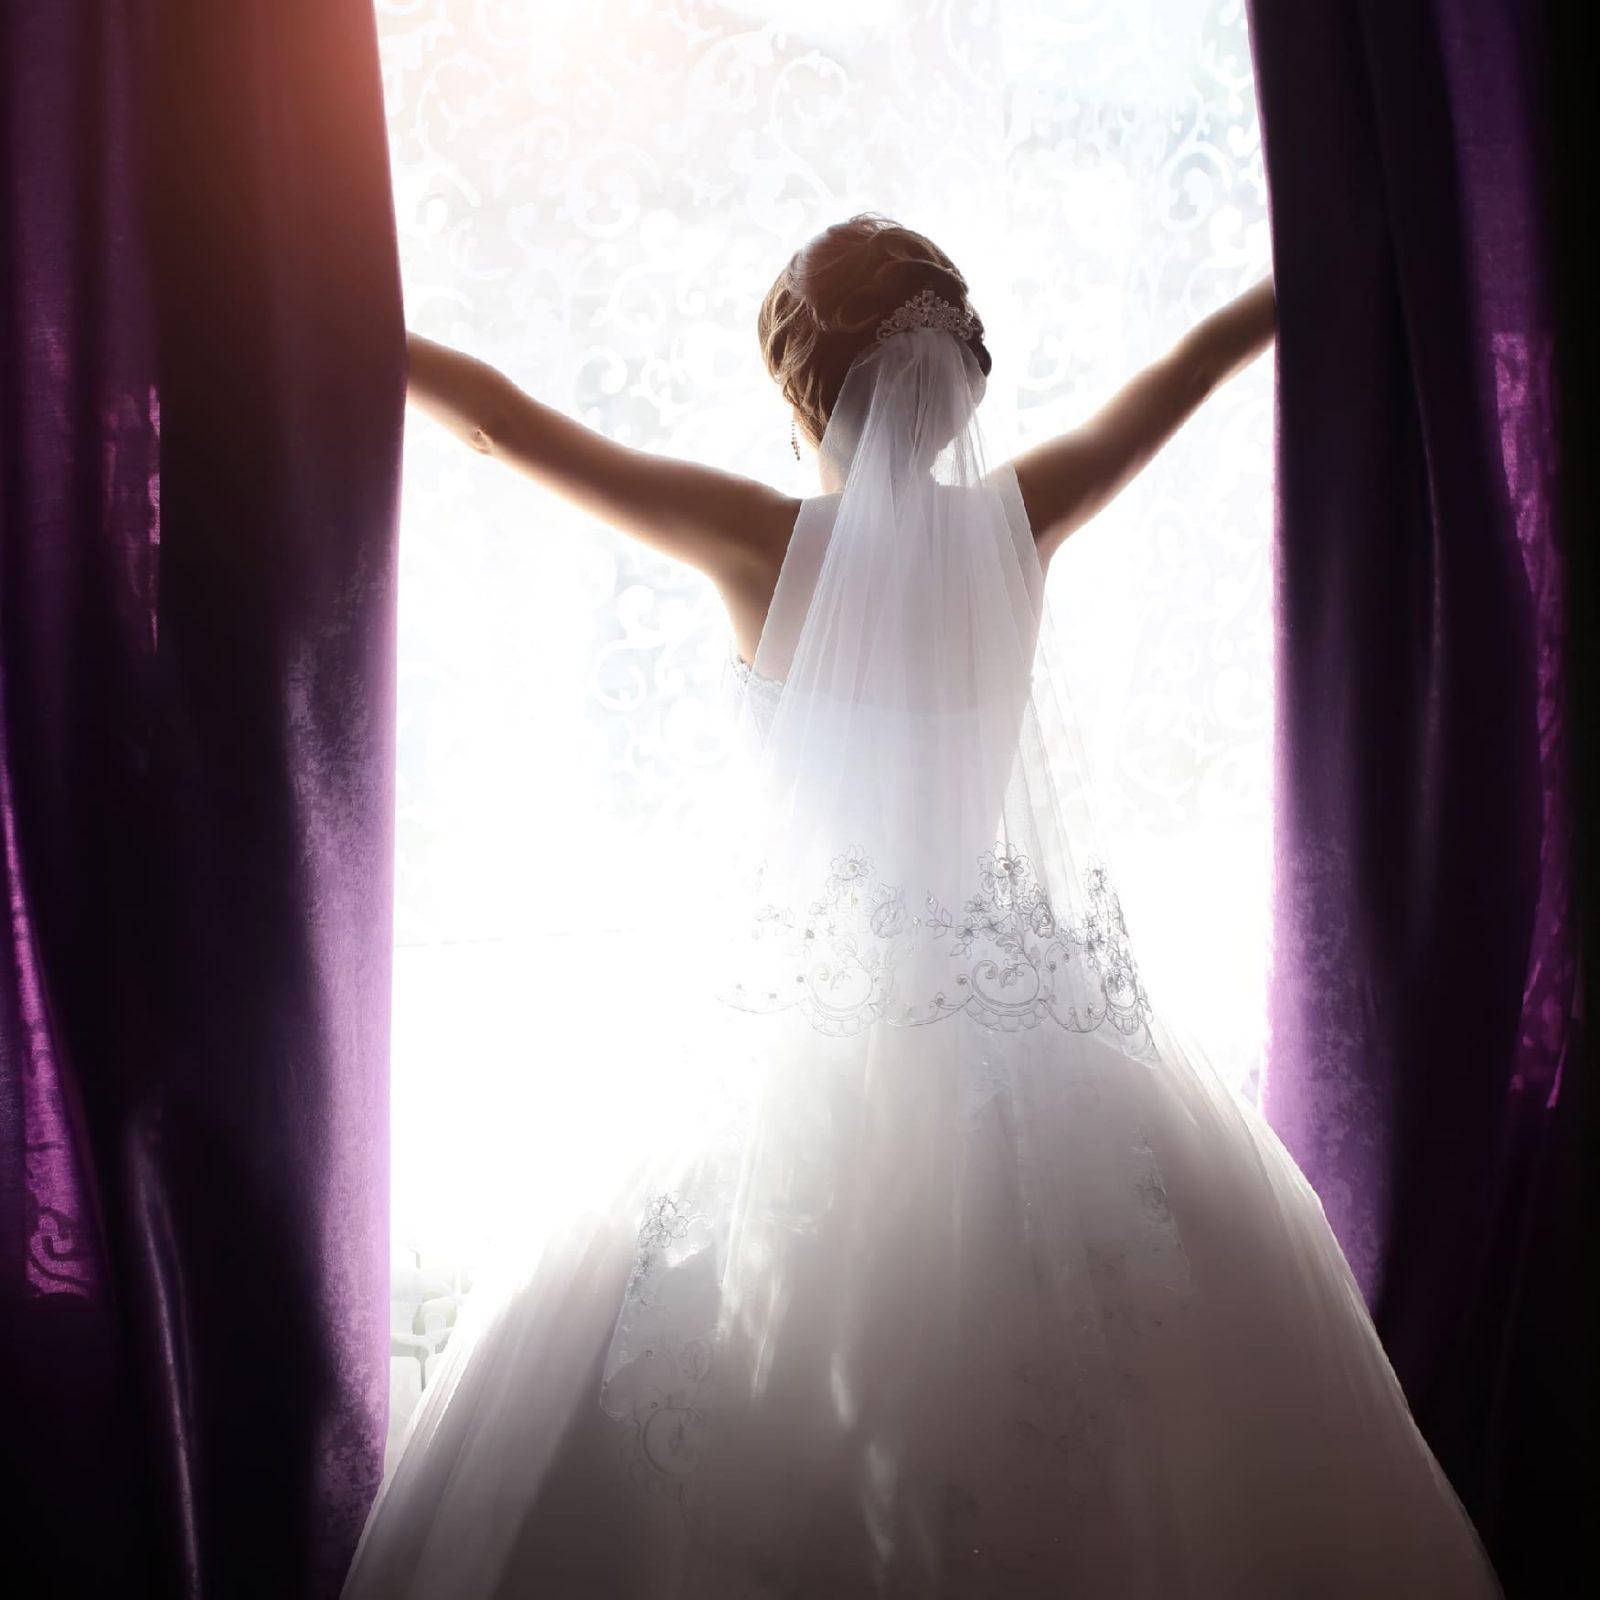 Bride in daylight window opening